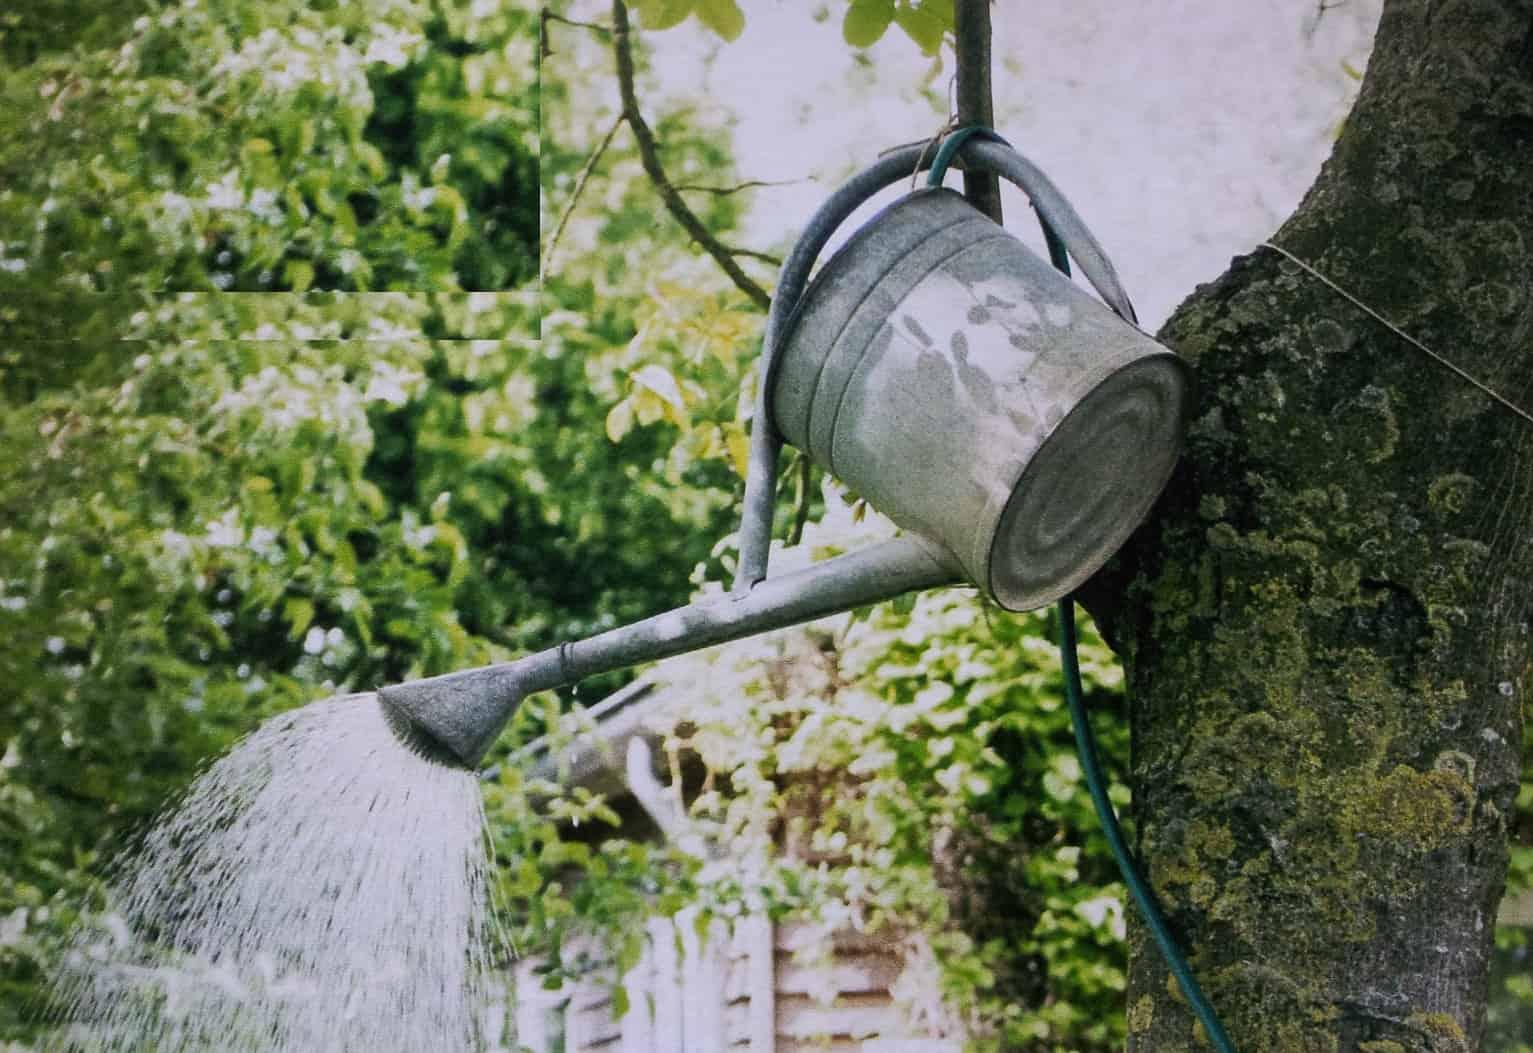 Betonnen Badkamer Muur ~ Buitendouche in de tuin snel maken  Hobby blogo nl